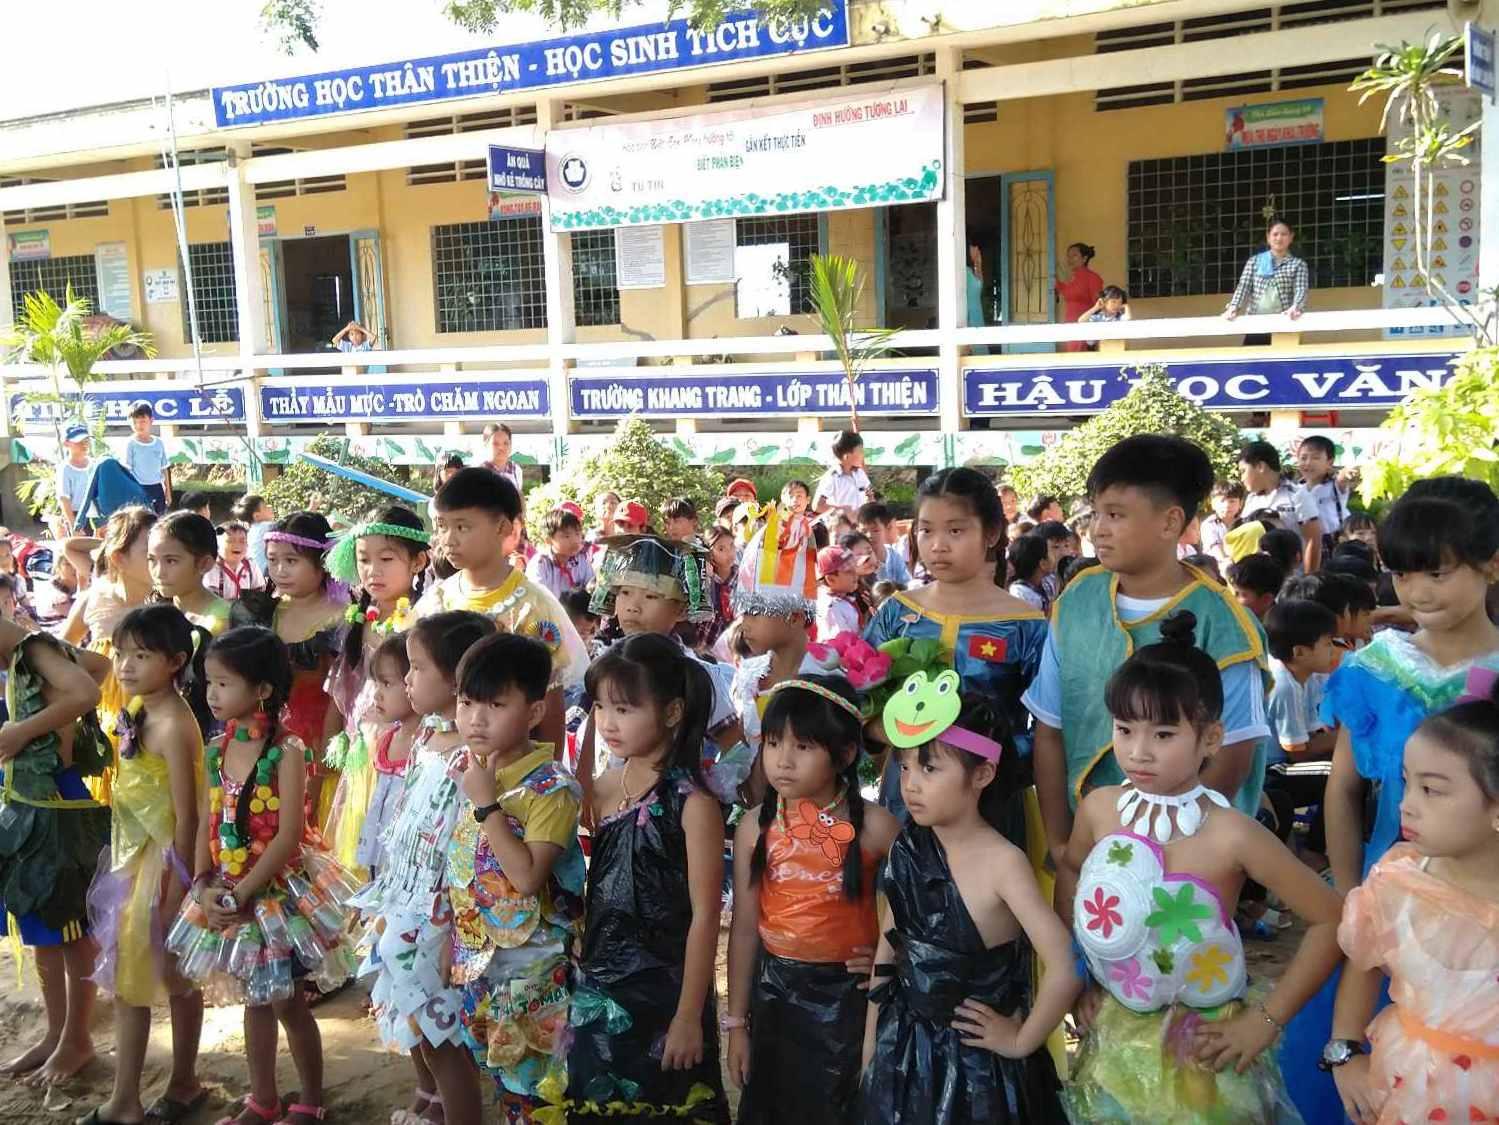 Tất cả các em học sinh trong trang phục biểu diễn của mình